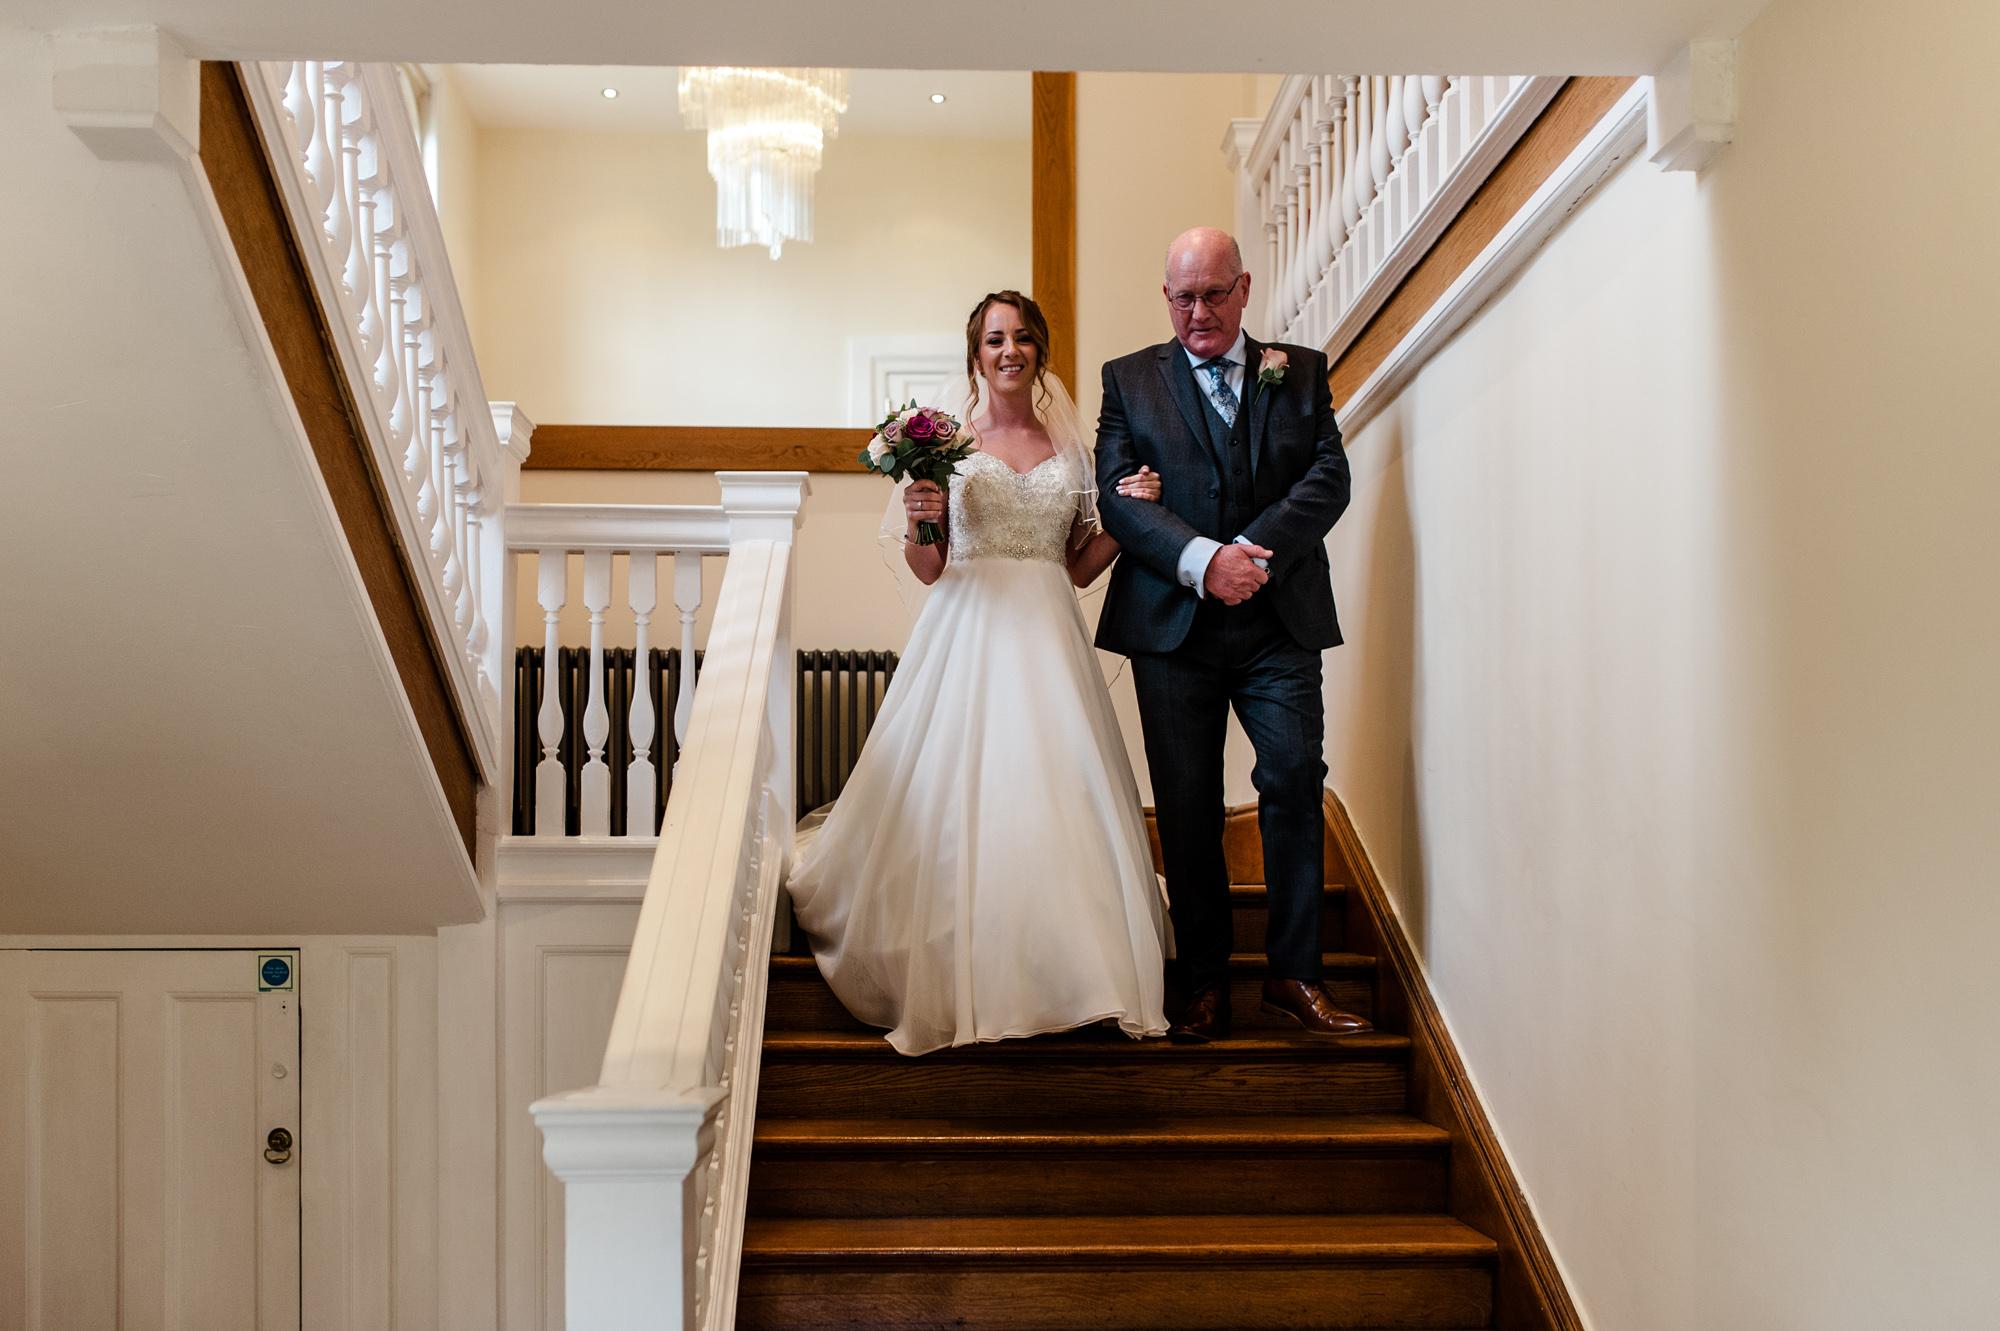 Notley Barn Wedding 26.10.18 9.jpg